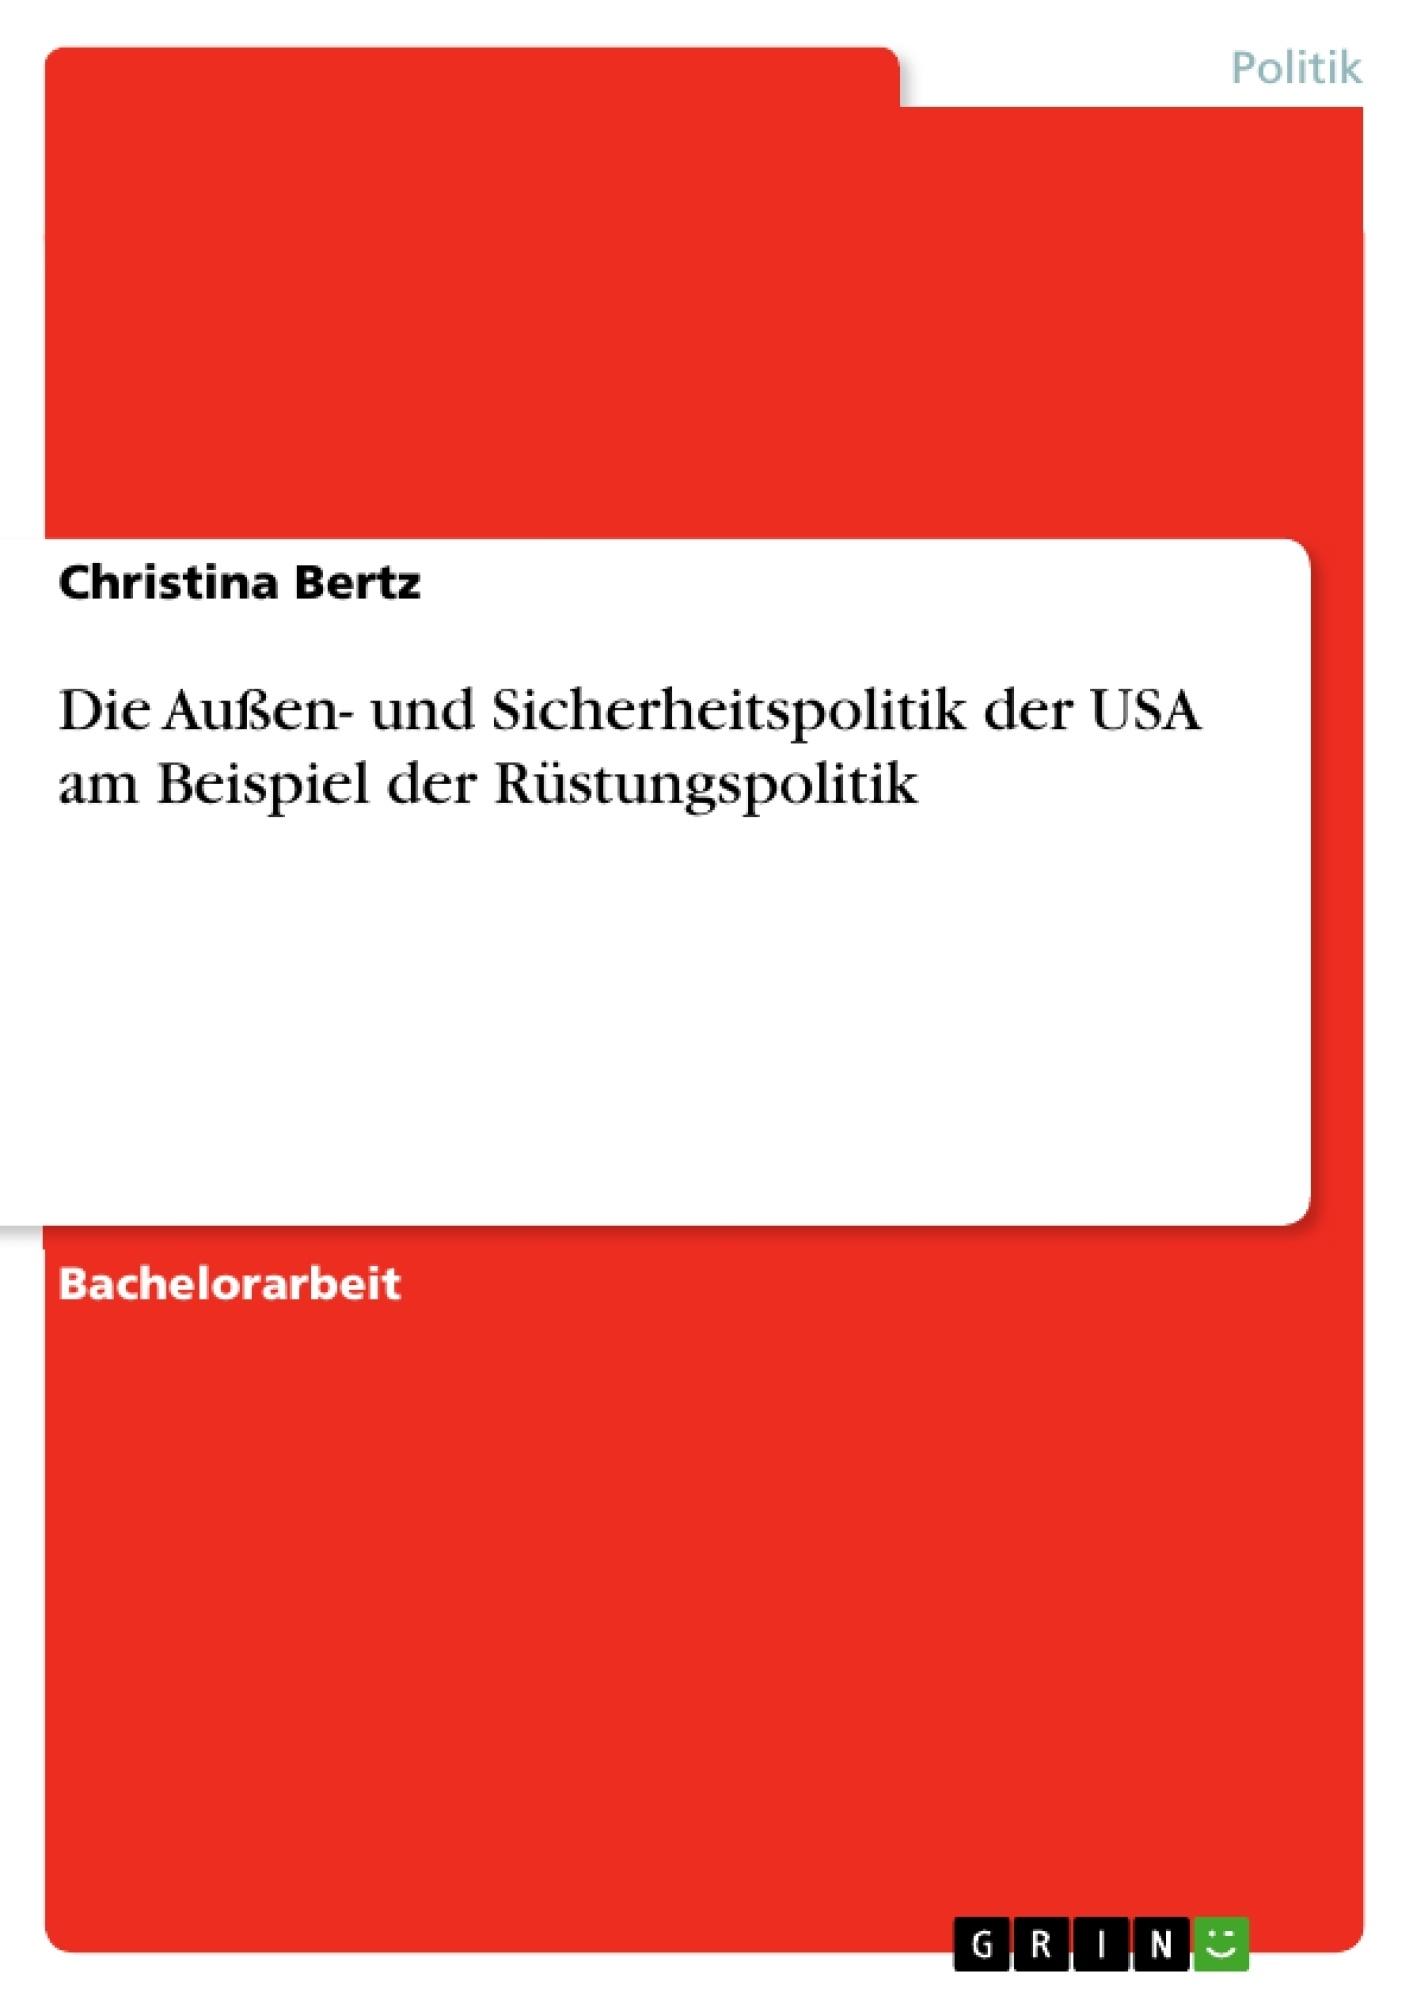 Titel: Die Außen- und Sicherheitspolitik der USA am Beispiel der Rüstungspolitik